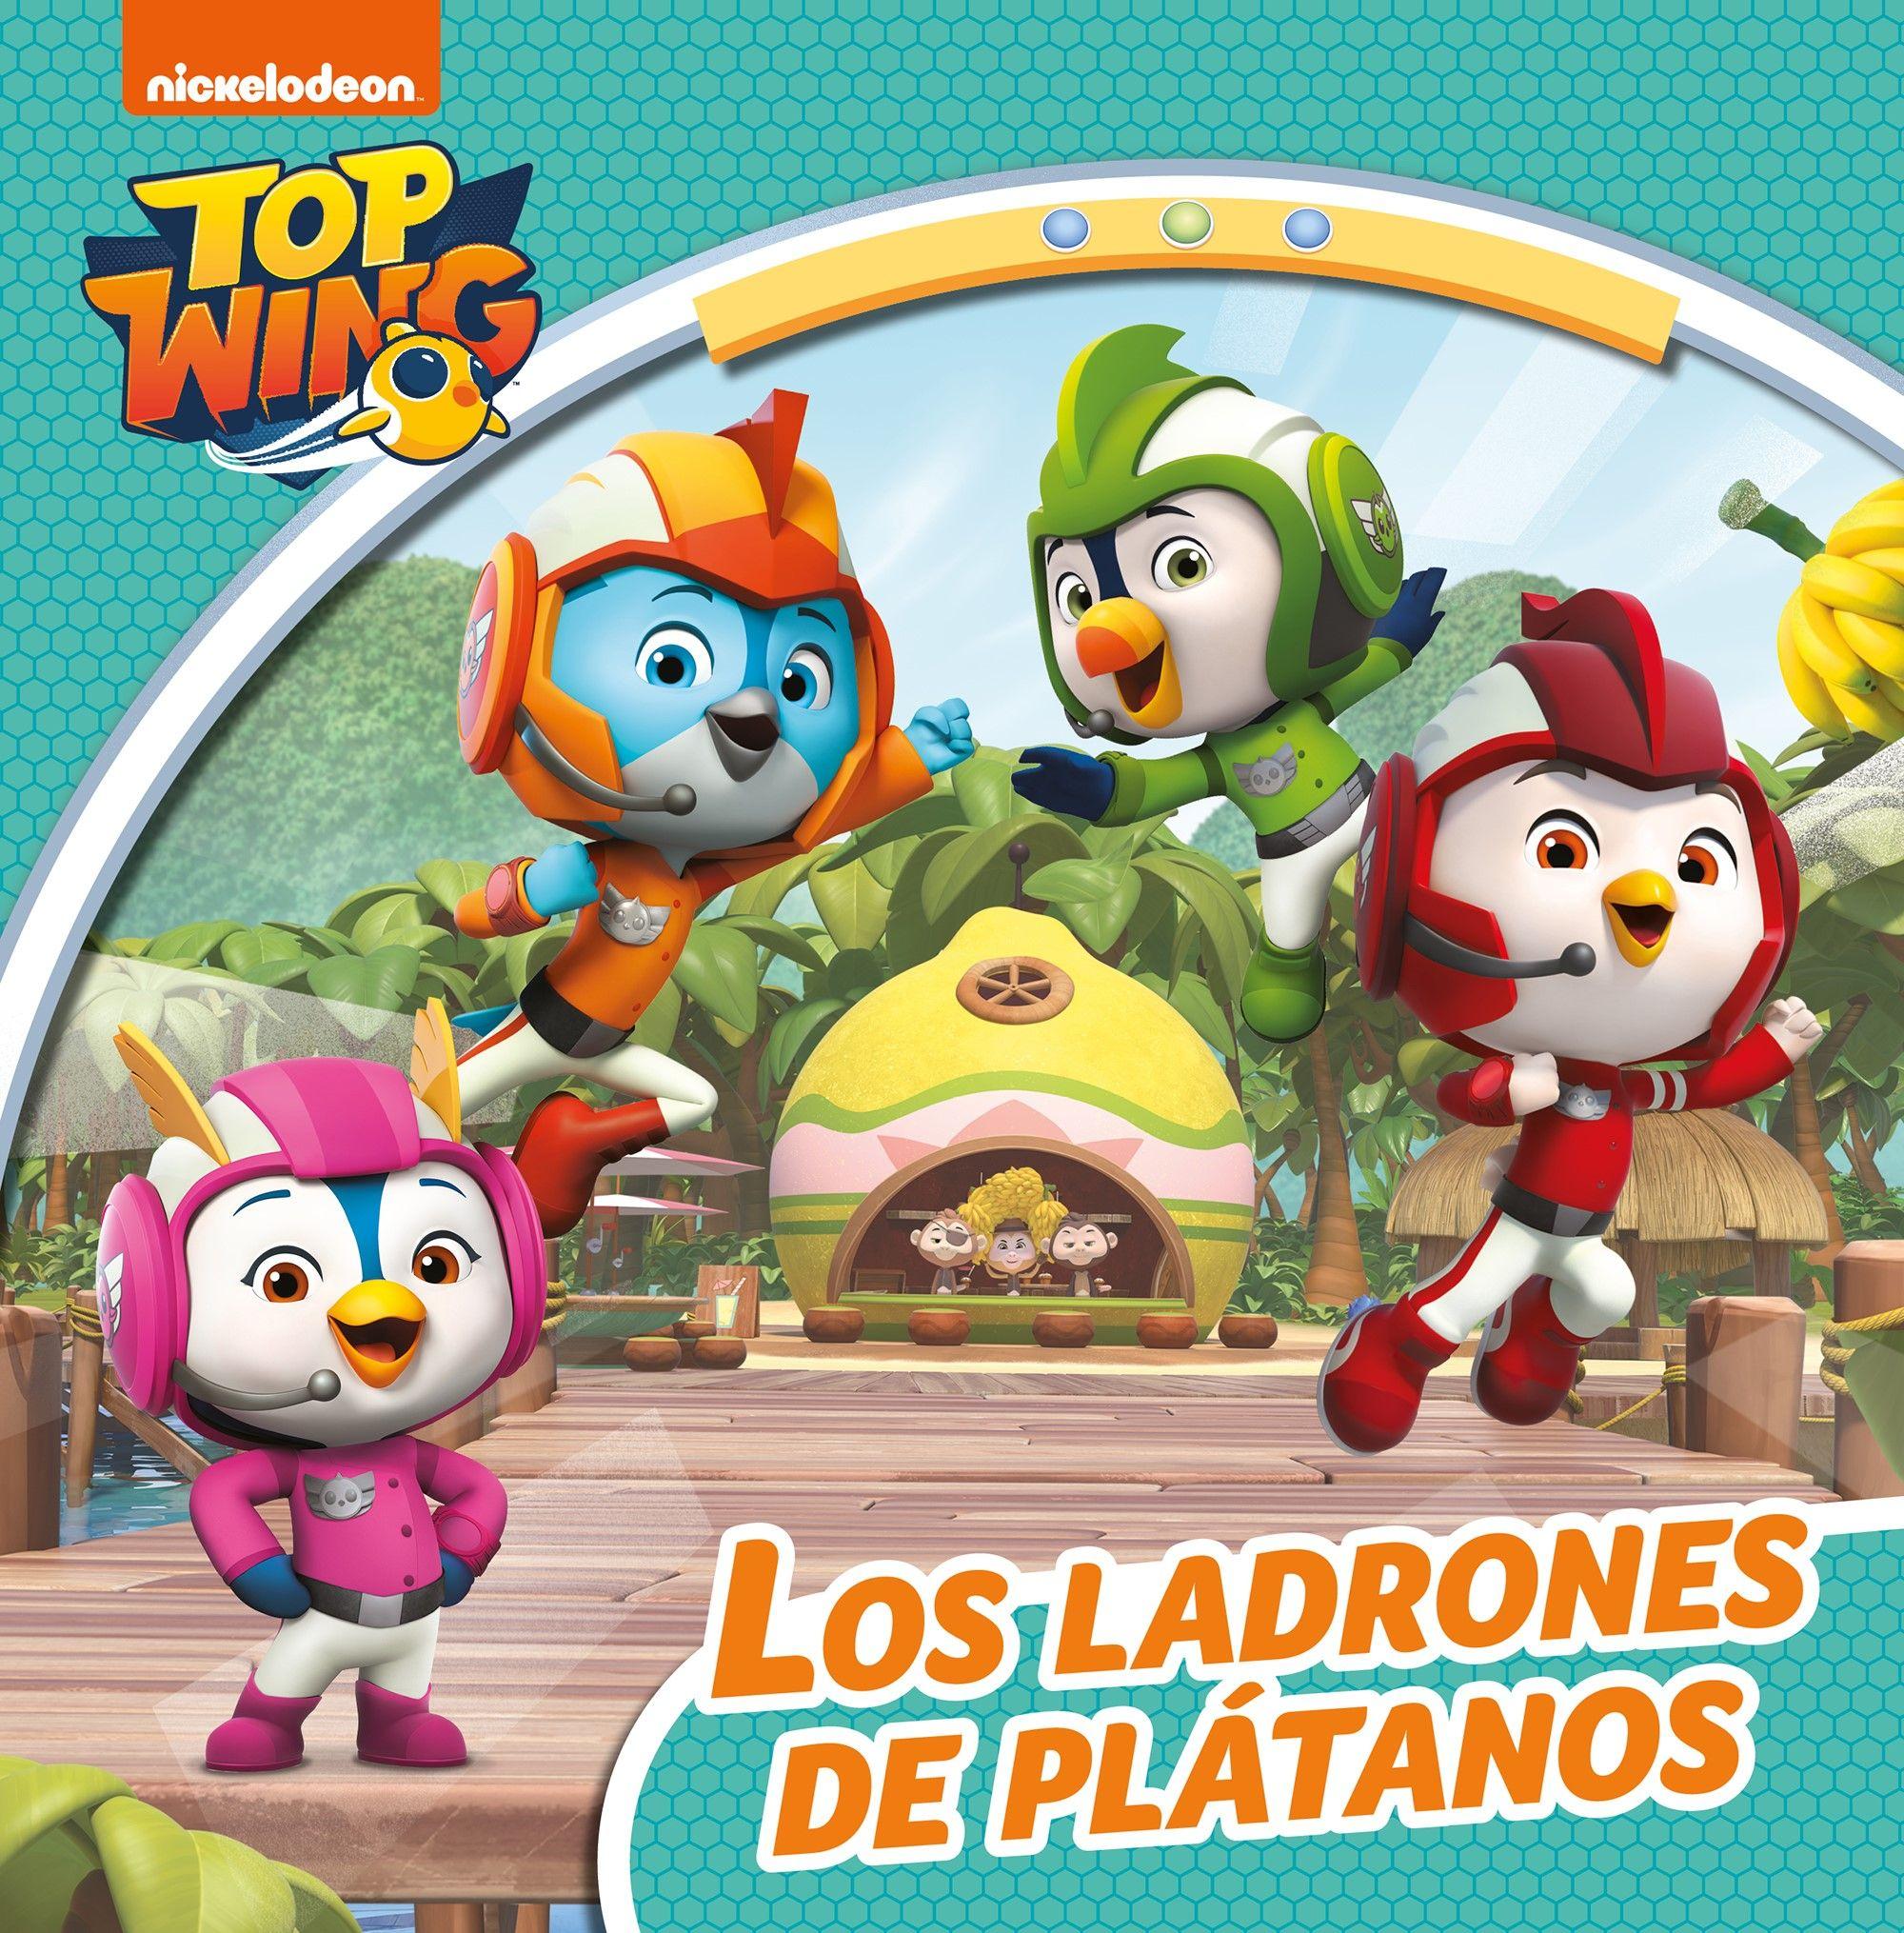 TOP WING LOS LADRONES DE PLATANOS